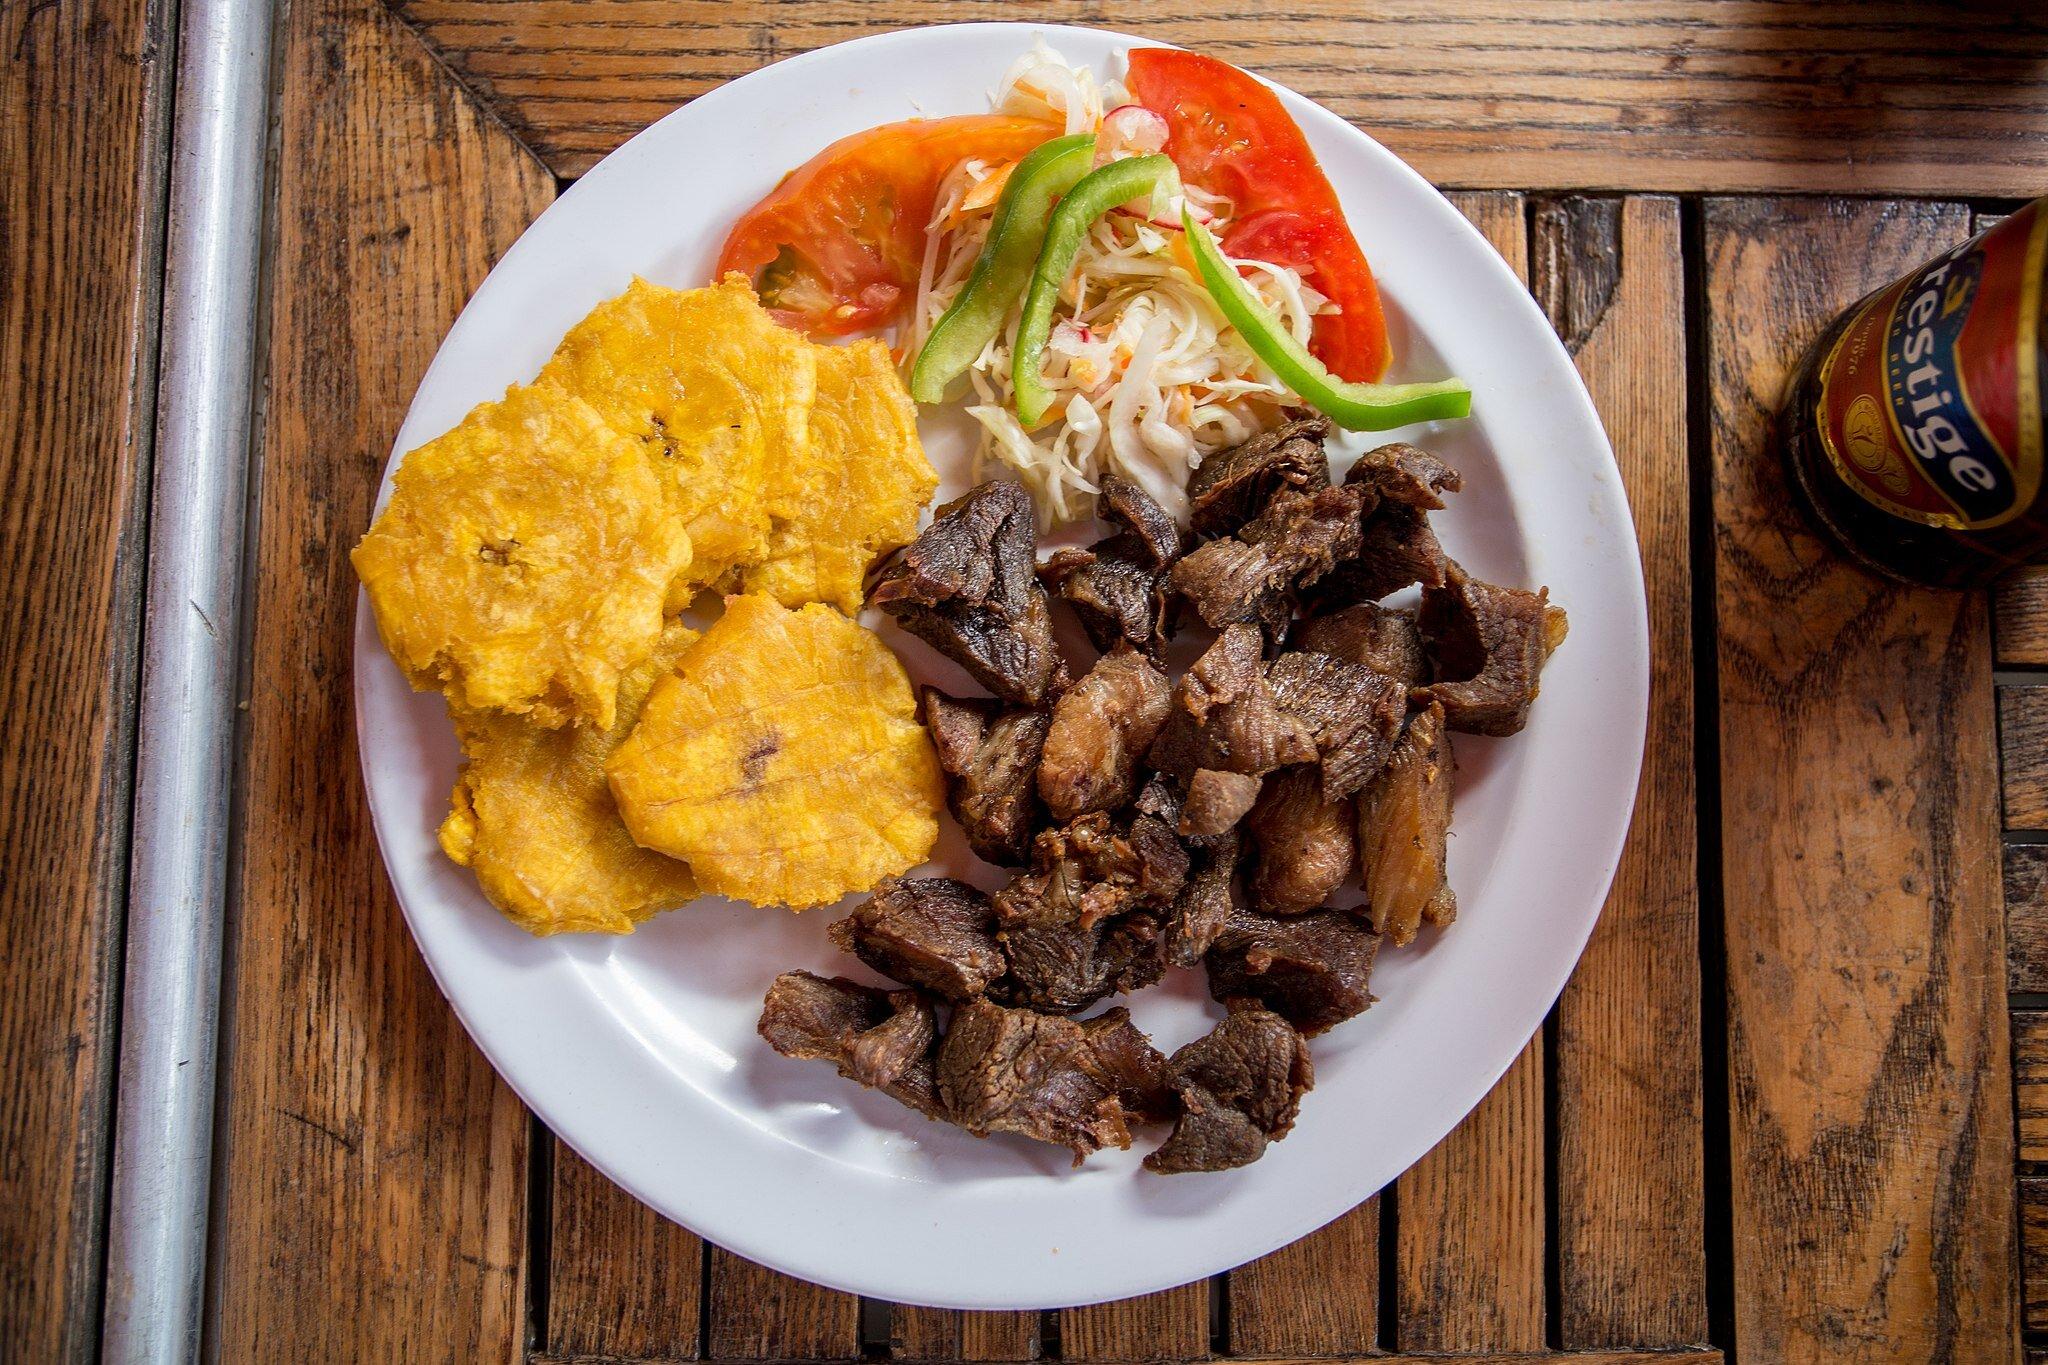 Griyo是海地的国菜。这里有车前草和啤酒。图片来源:Lëa-Kim Châteauneuf, CC BY-SA 4.0,通过维基共享。